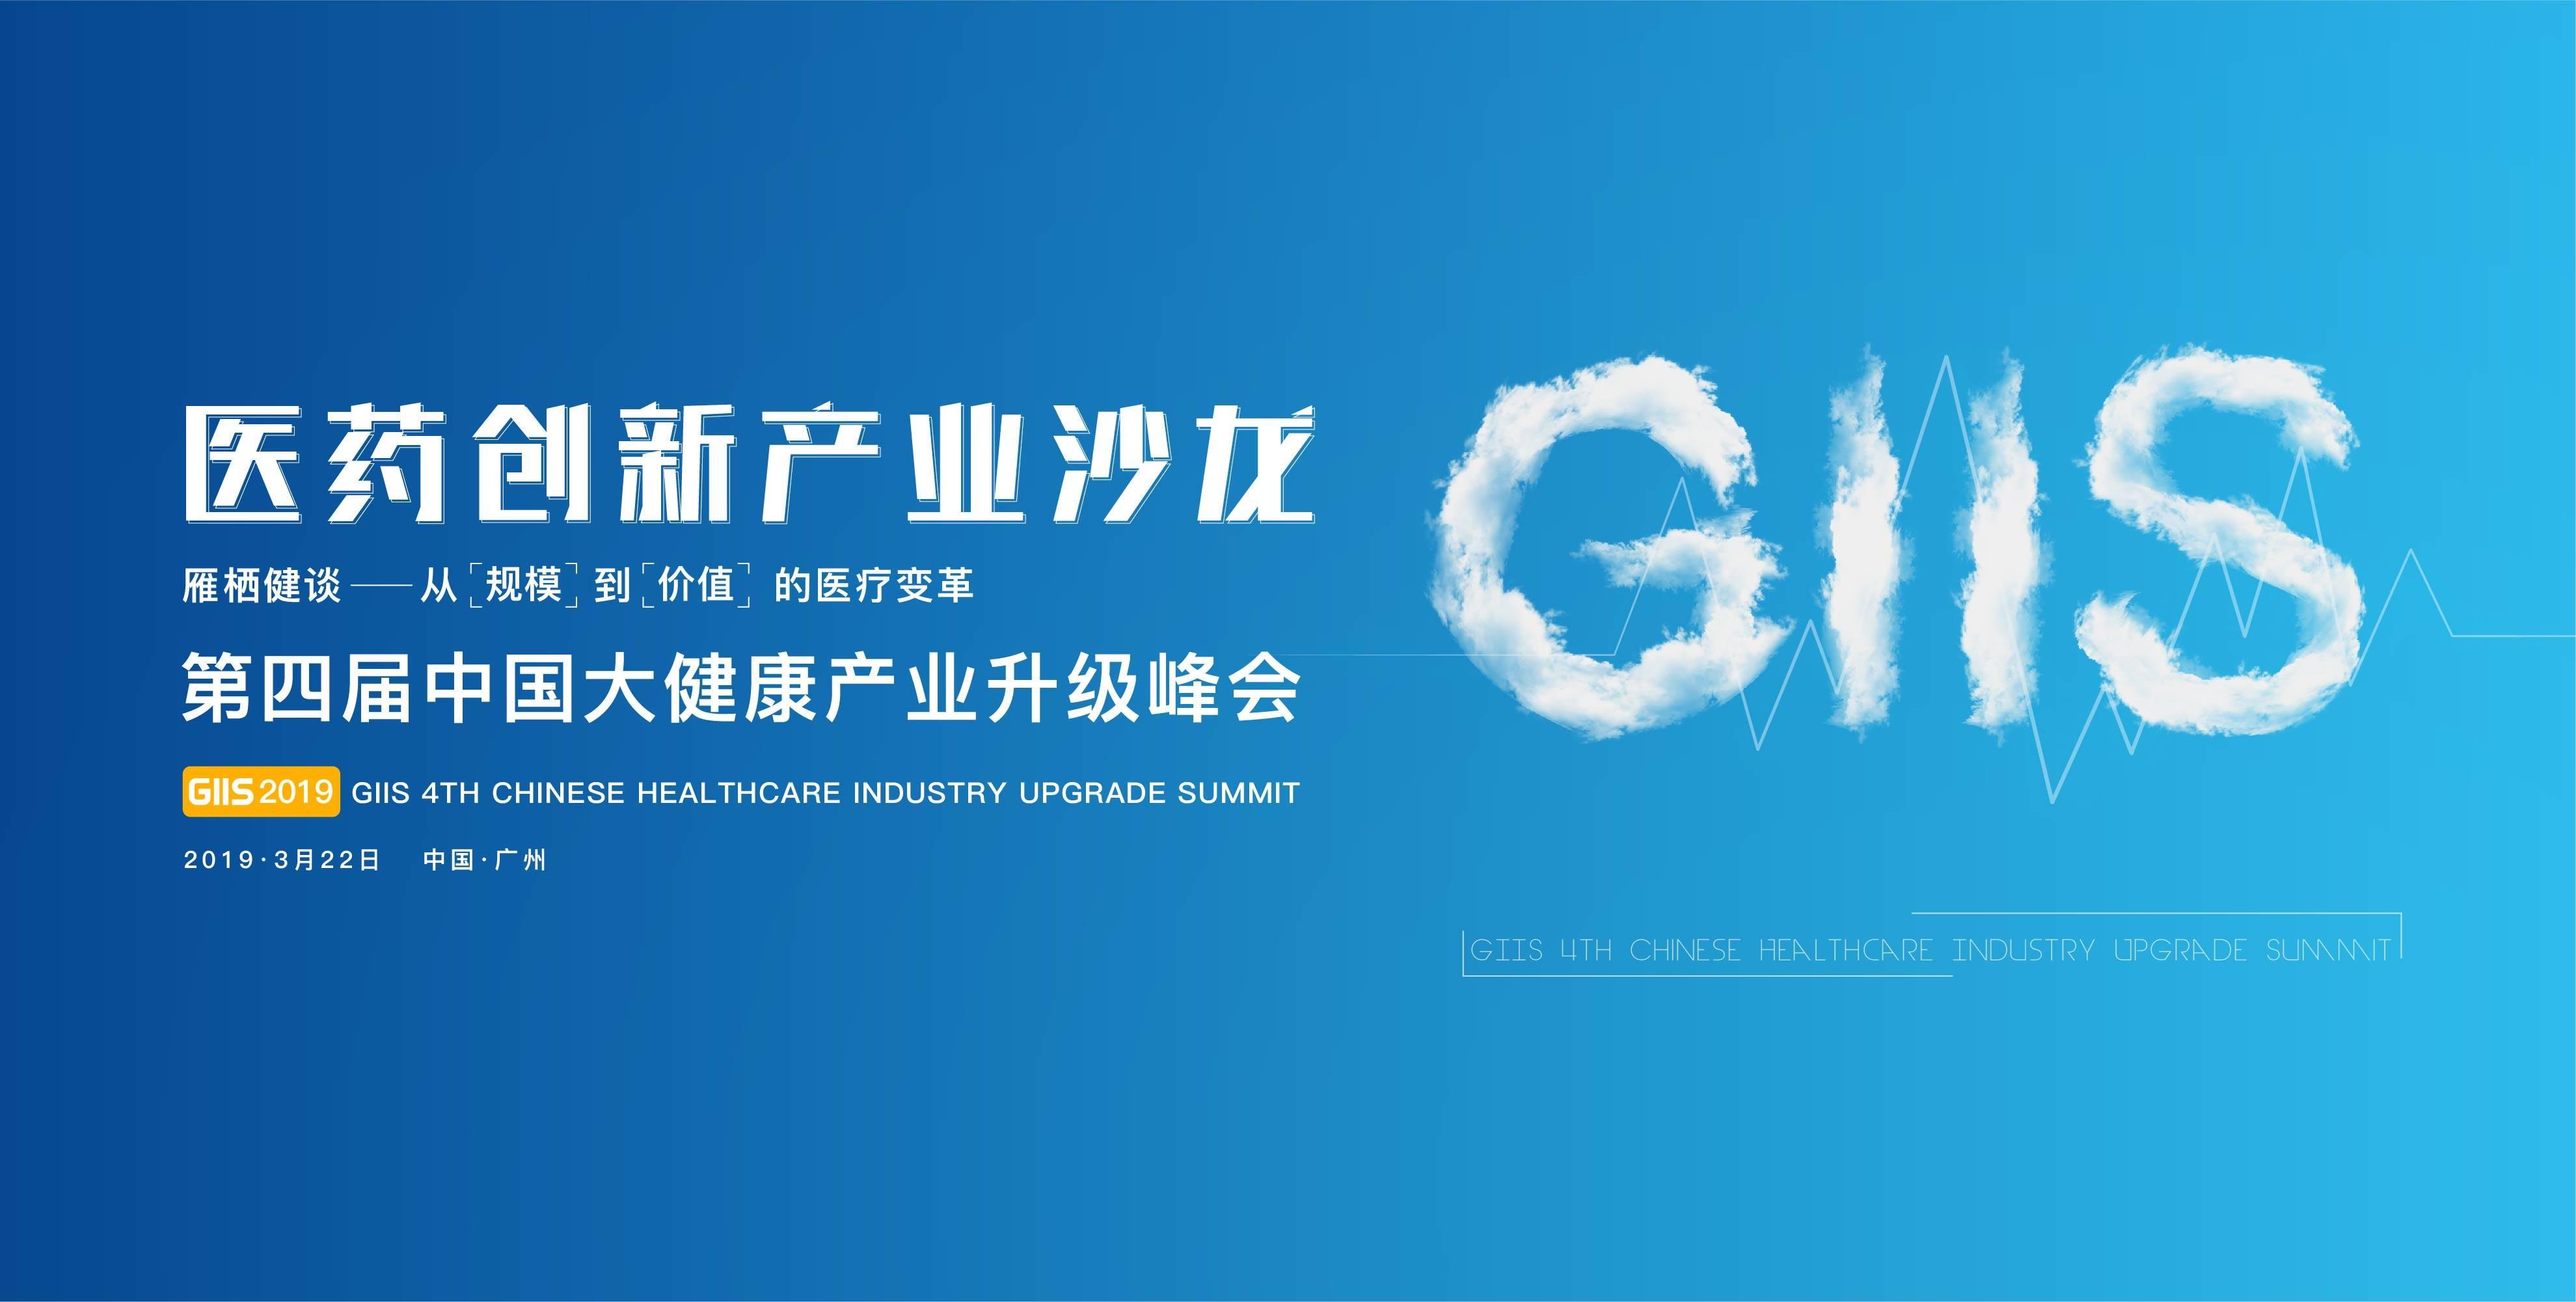 【活动】雁栖健谈 · 医药创新产业沙龙-亿欧